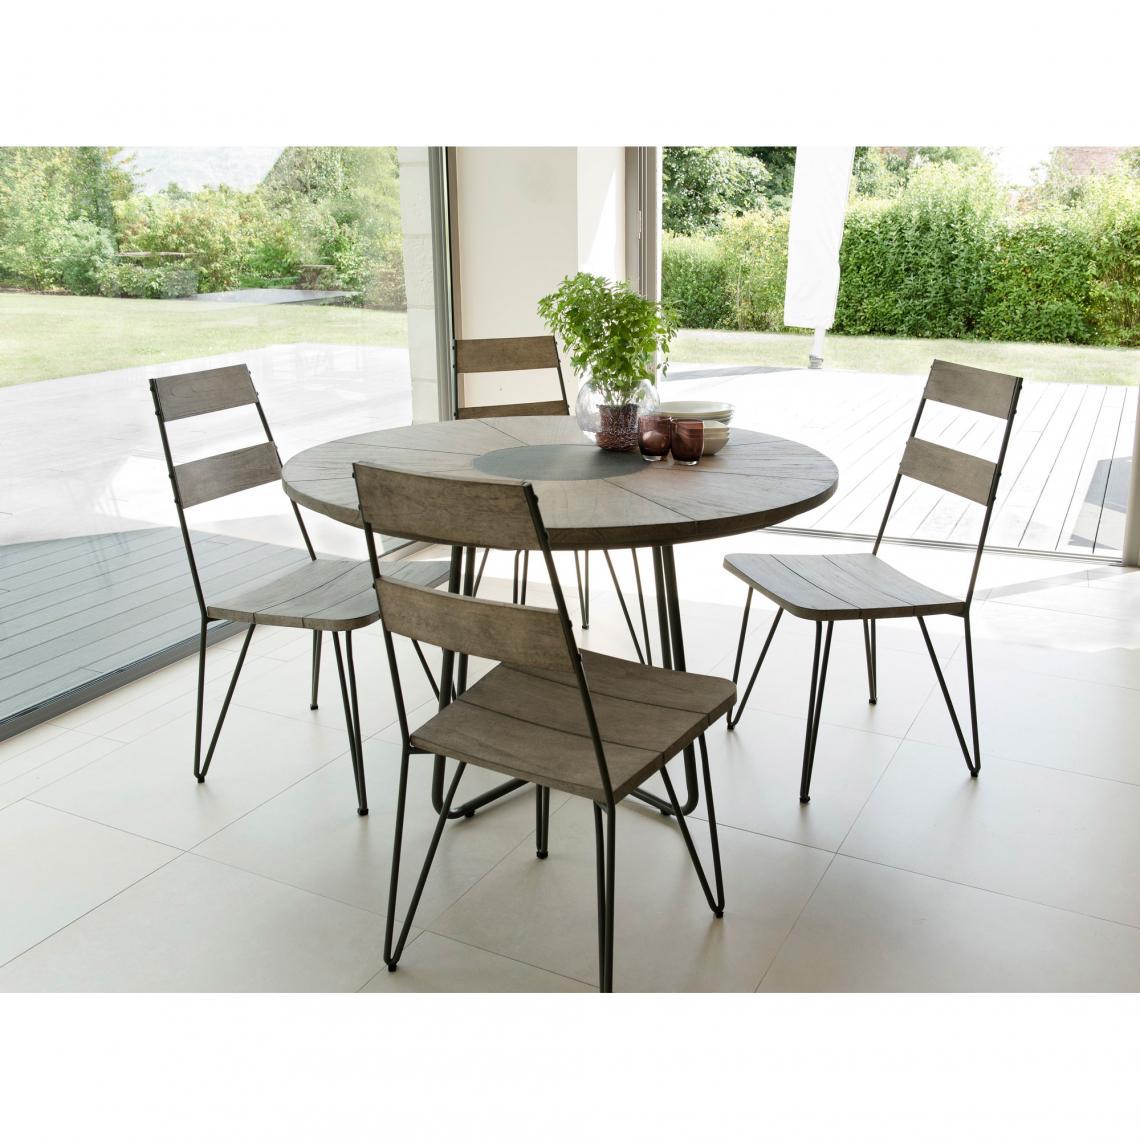 salon de jardin en bois teck grise 4 6 pers ensemble de jardin 1 table ronde diametre 120 cm et 4 chaises scandi pieds metal